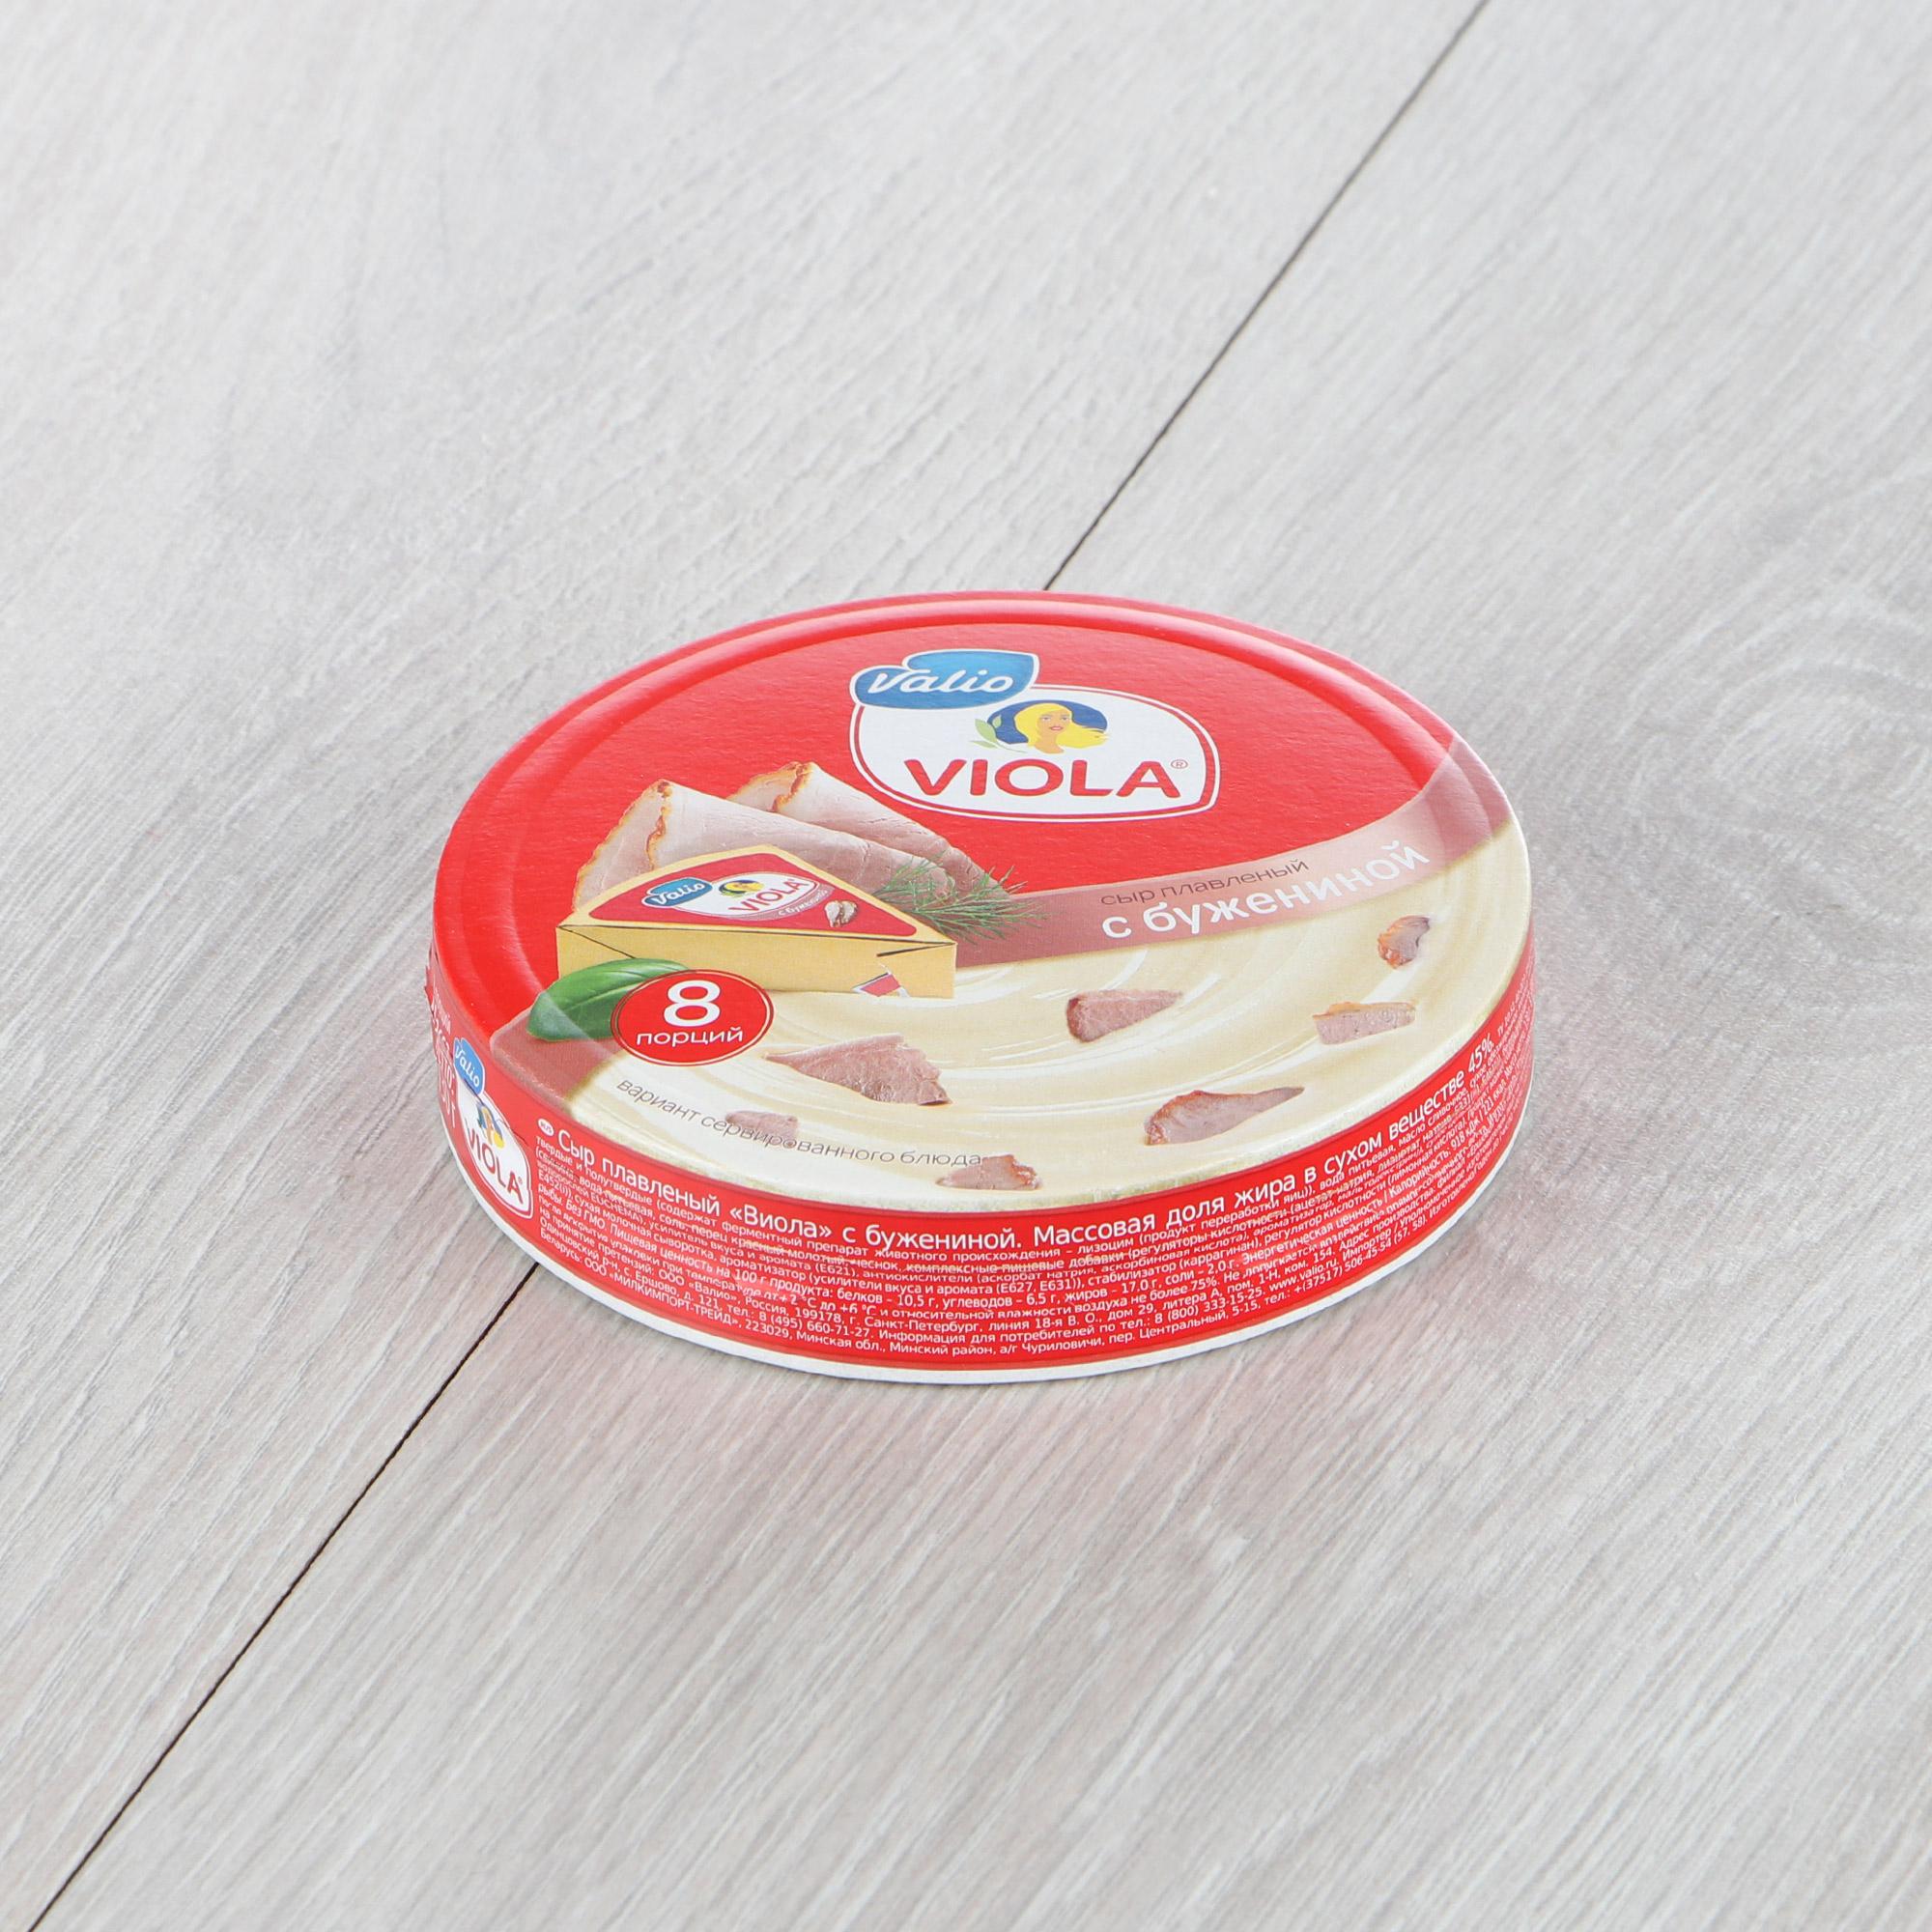 Сыр плавленый Viola с бужениной 50% 130 г